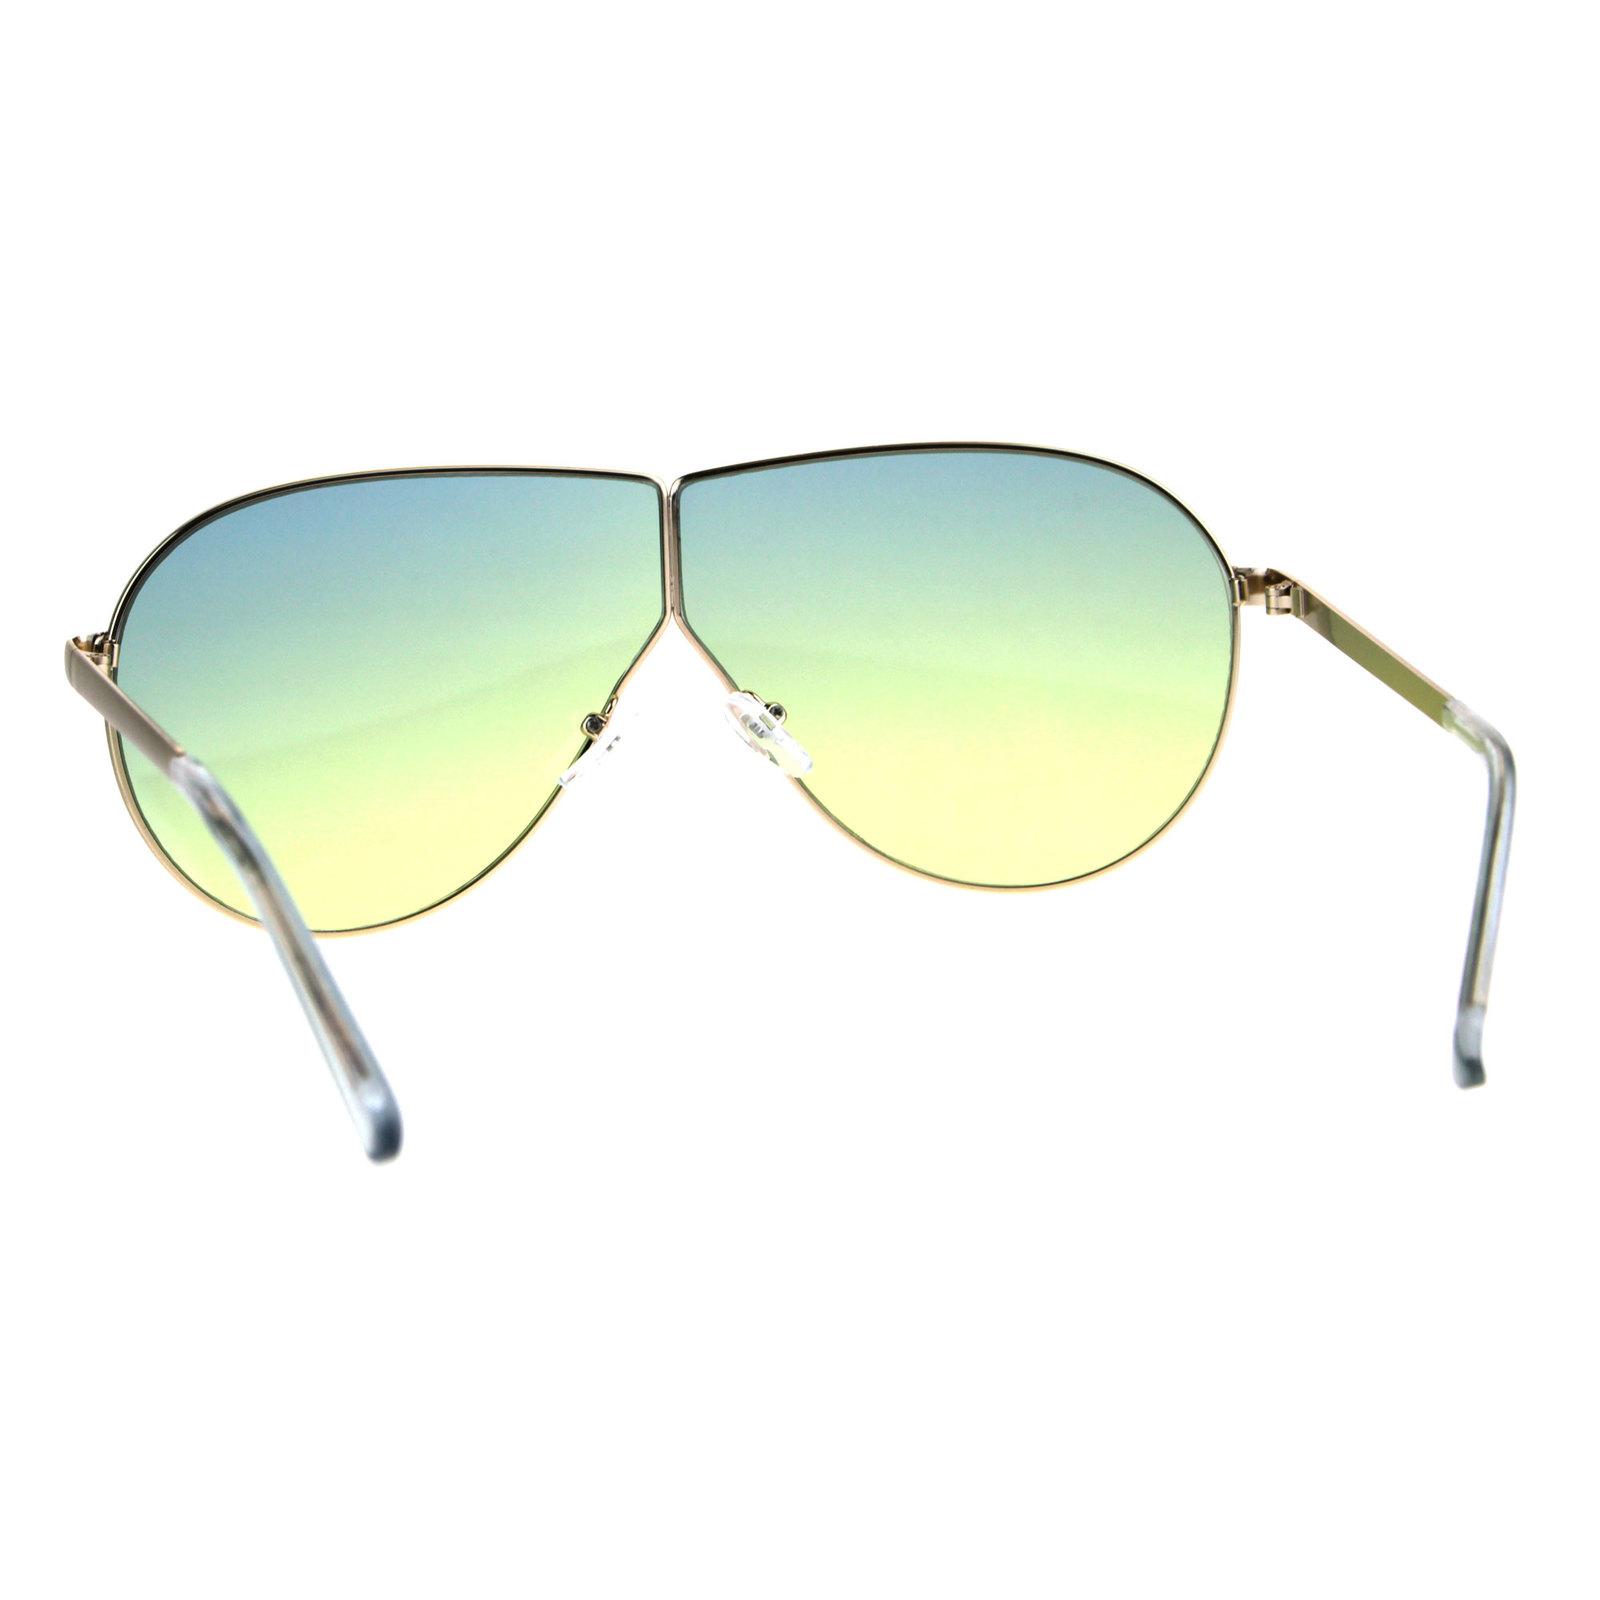 a3d0824d25 Oversize Gradient Oceanic Hippie Lens Metal Rim Shield Pilots Sunglasses